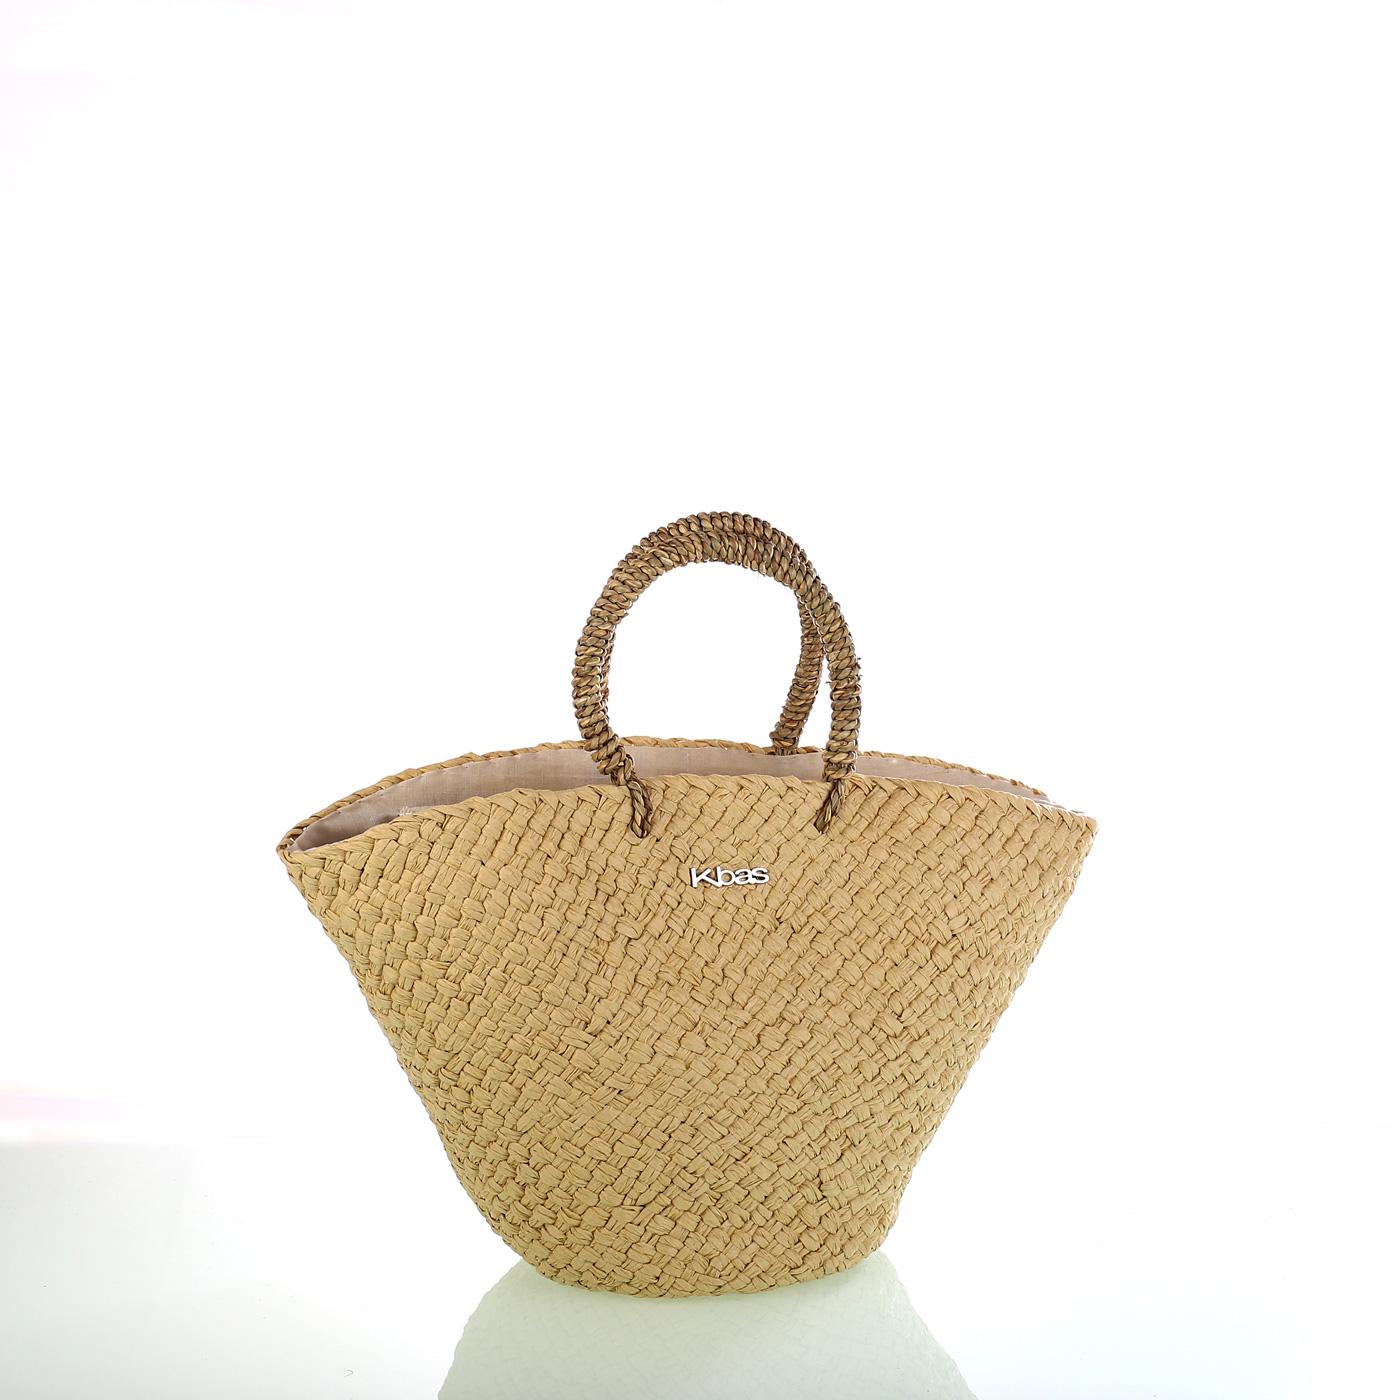 864100c76 Dámska taška zo syntetickej rafie Kbas béžová 341818C | Kbas